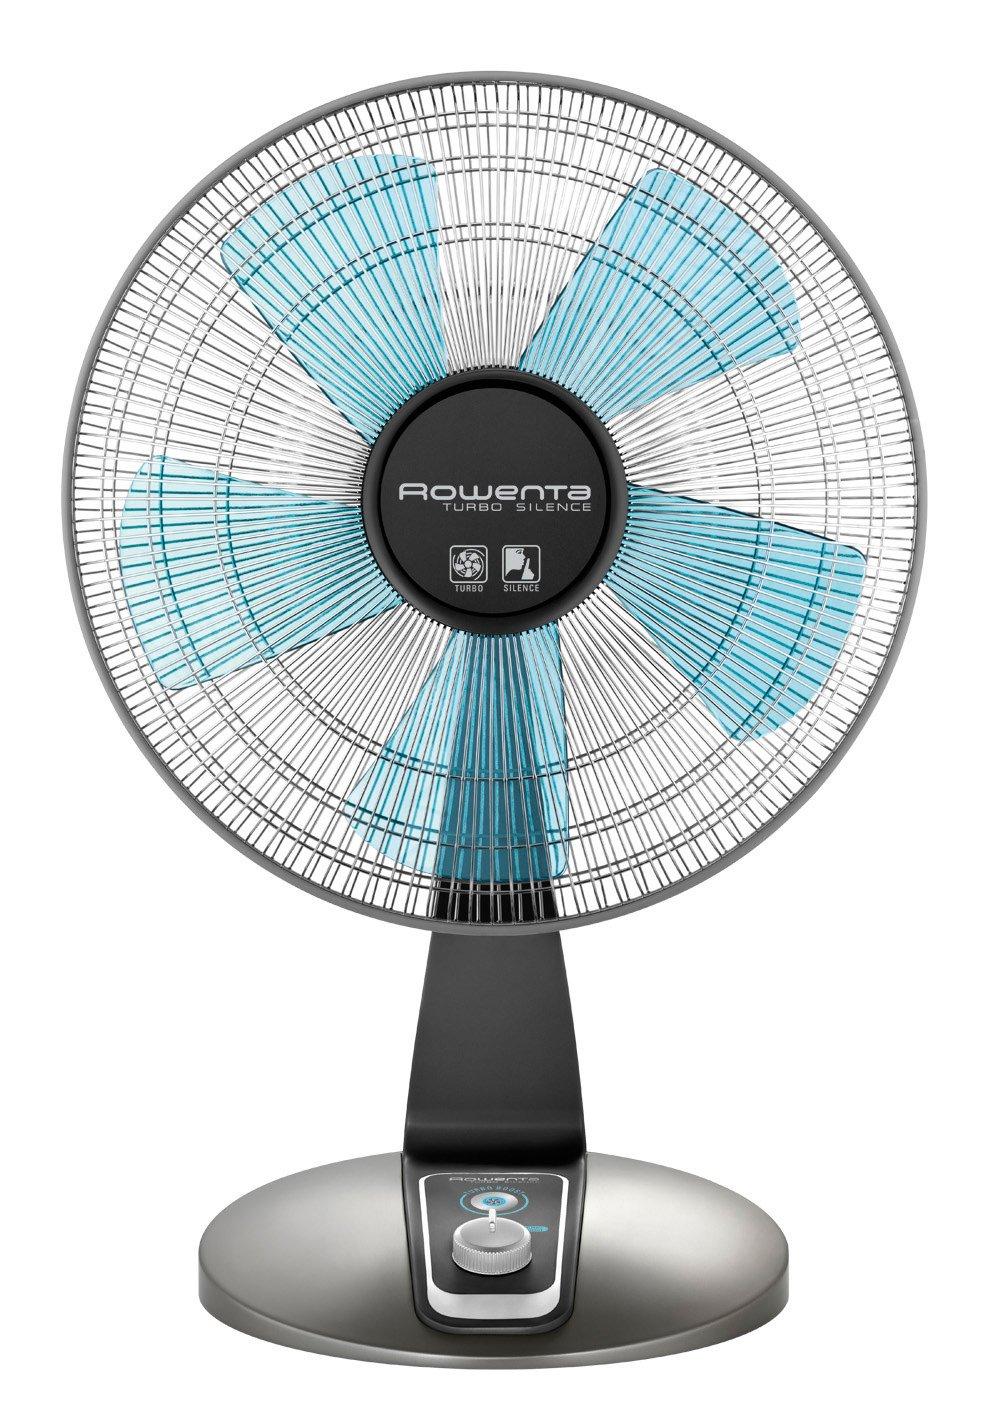 Rowenta VU2540 - Ventilador (Azul, Gris, 70W): Amazon.es: Hogar